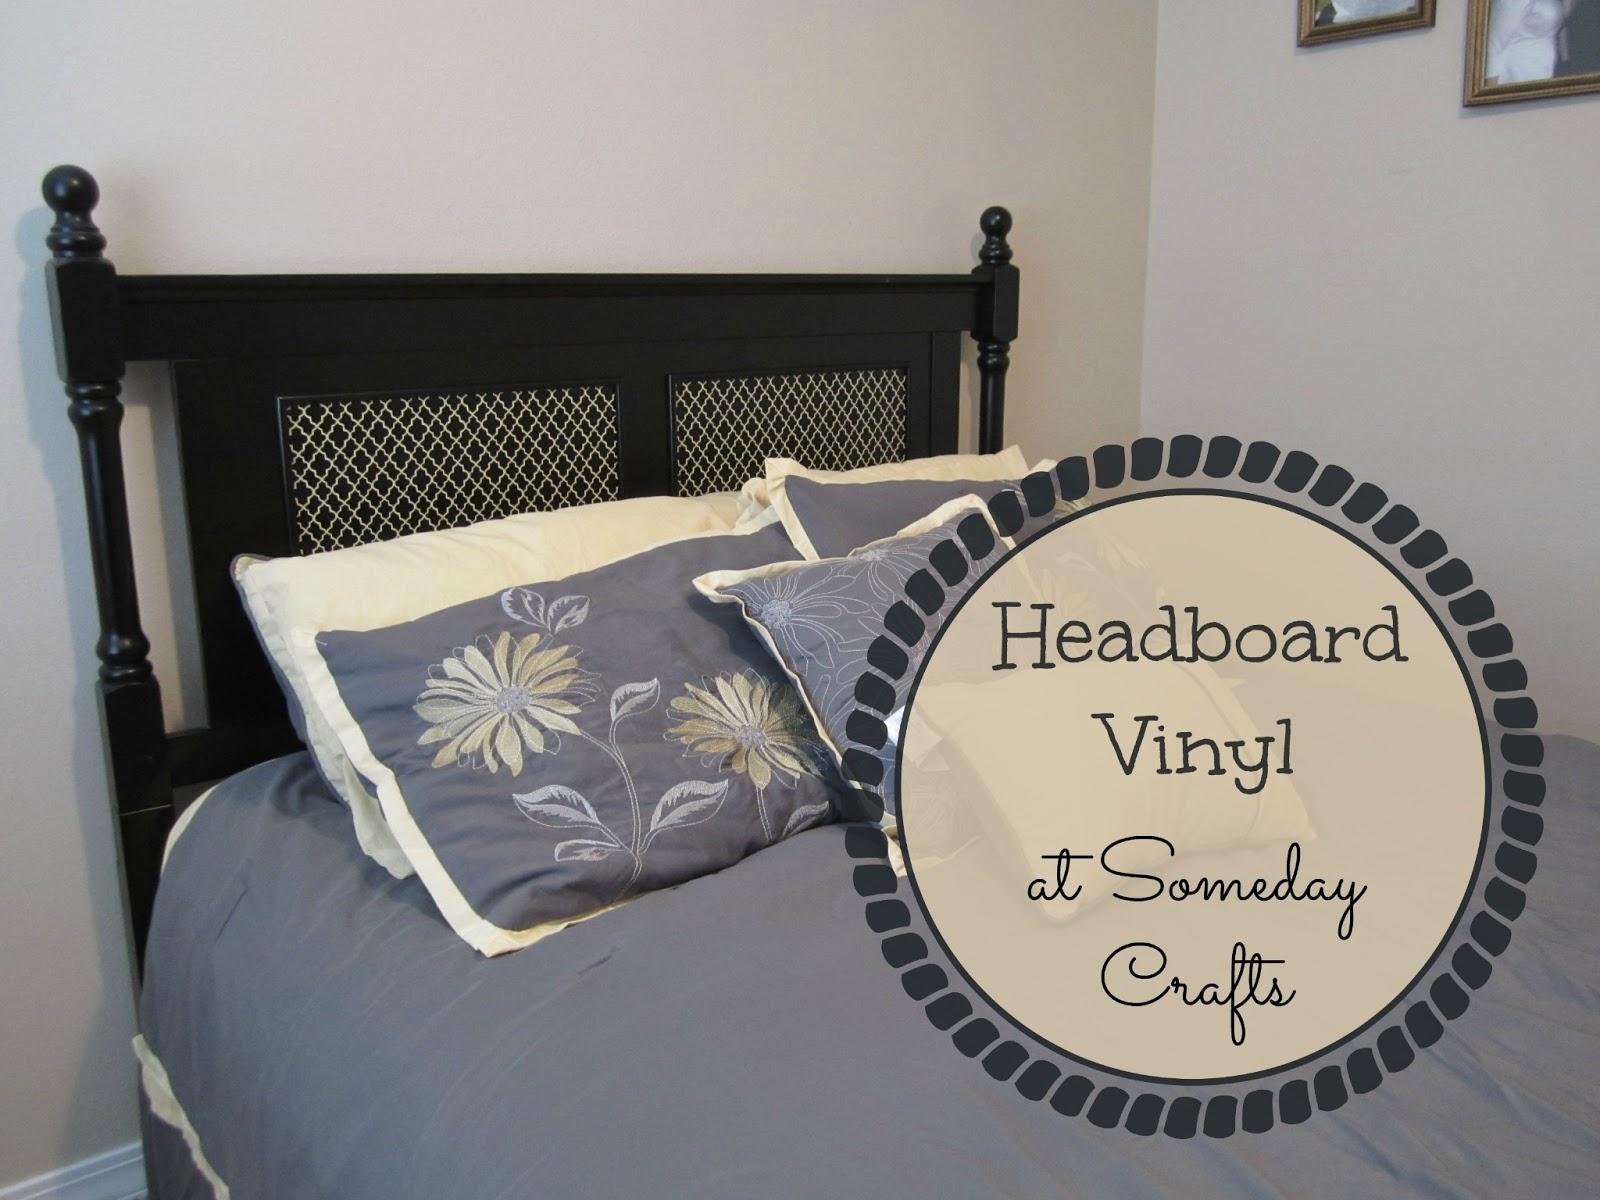 Someday Crafts Headboard Vinyl